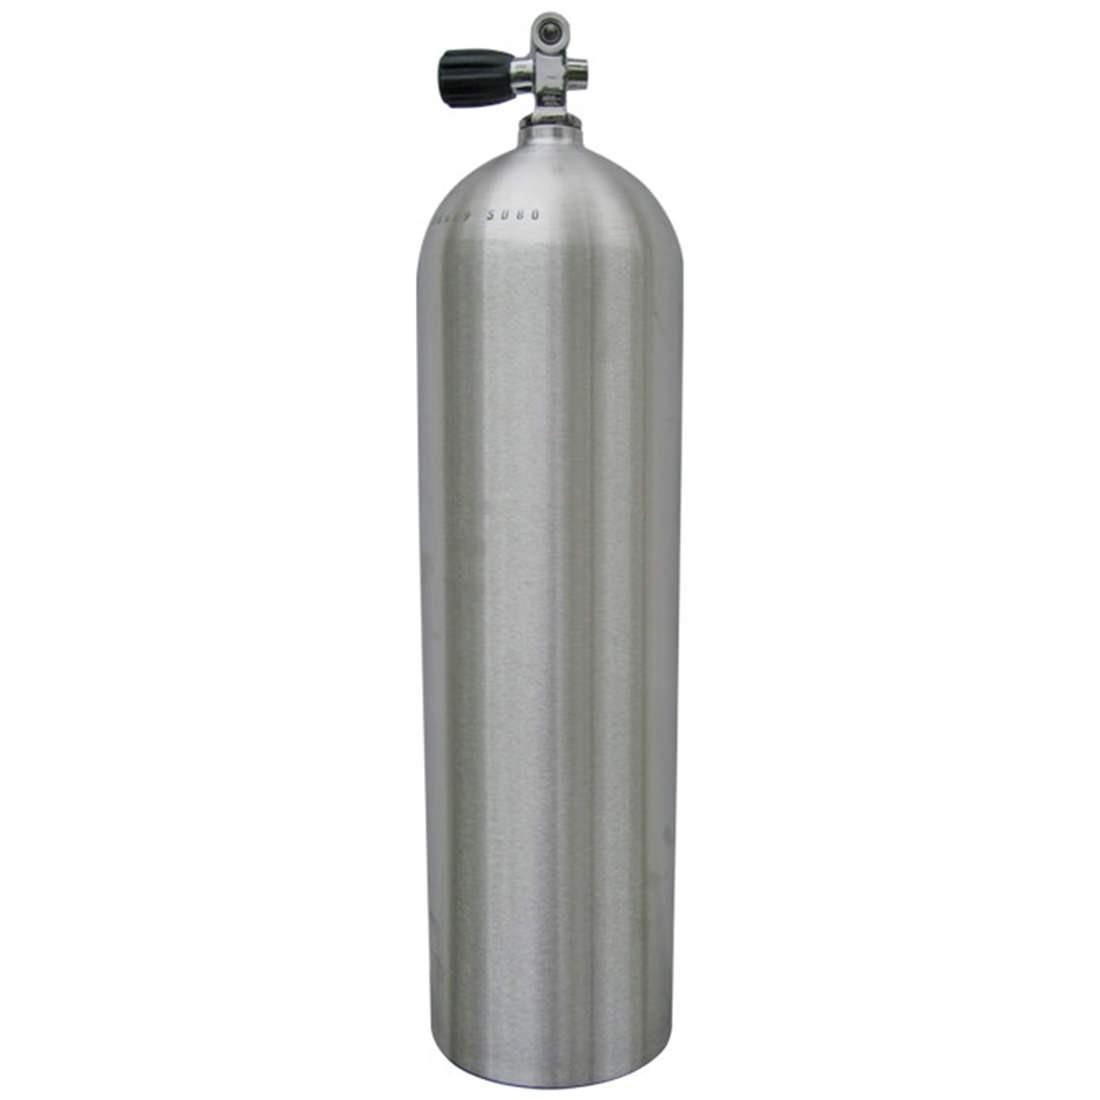 Worthington AL100 Aluminum SCUBA Cylinder with Pro Valve - Brushed No Coat AL100BNC